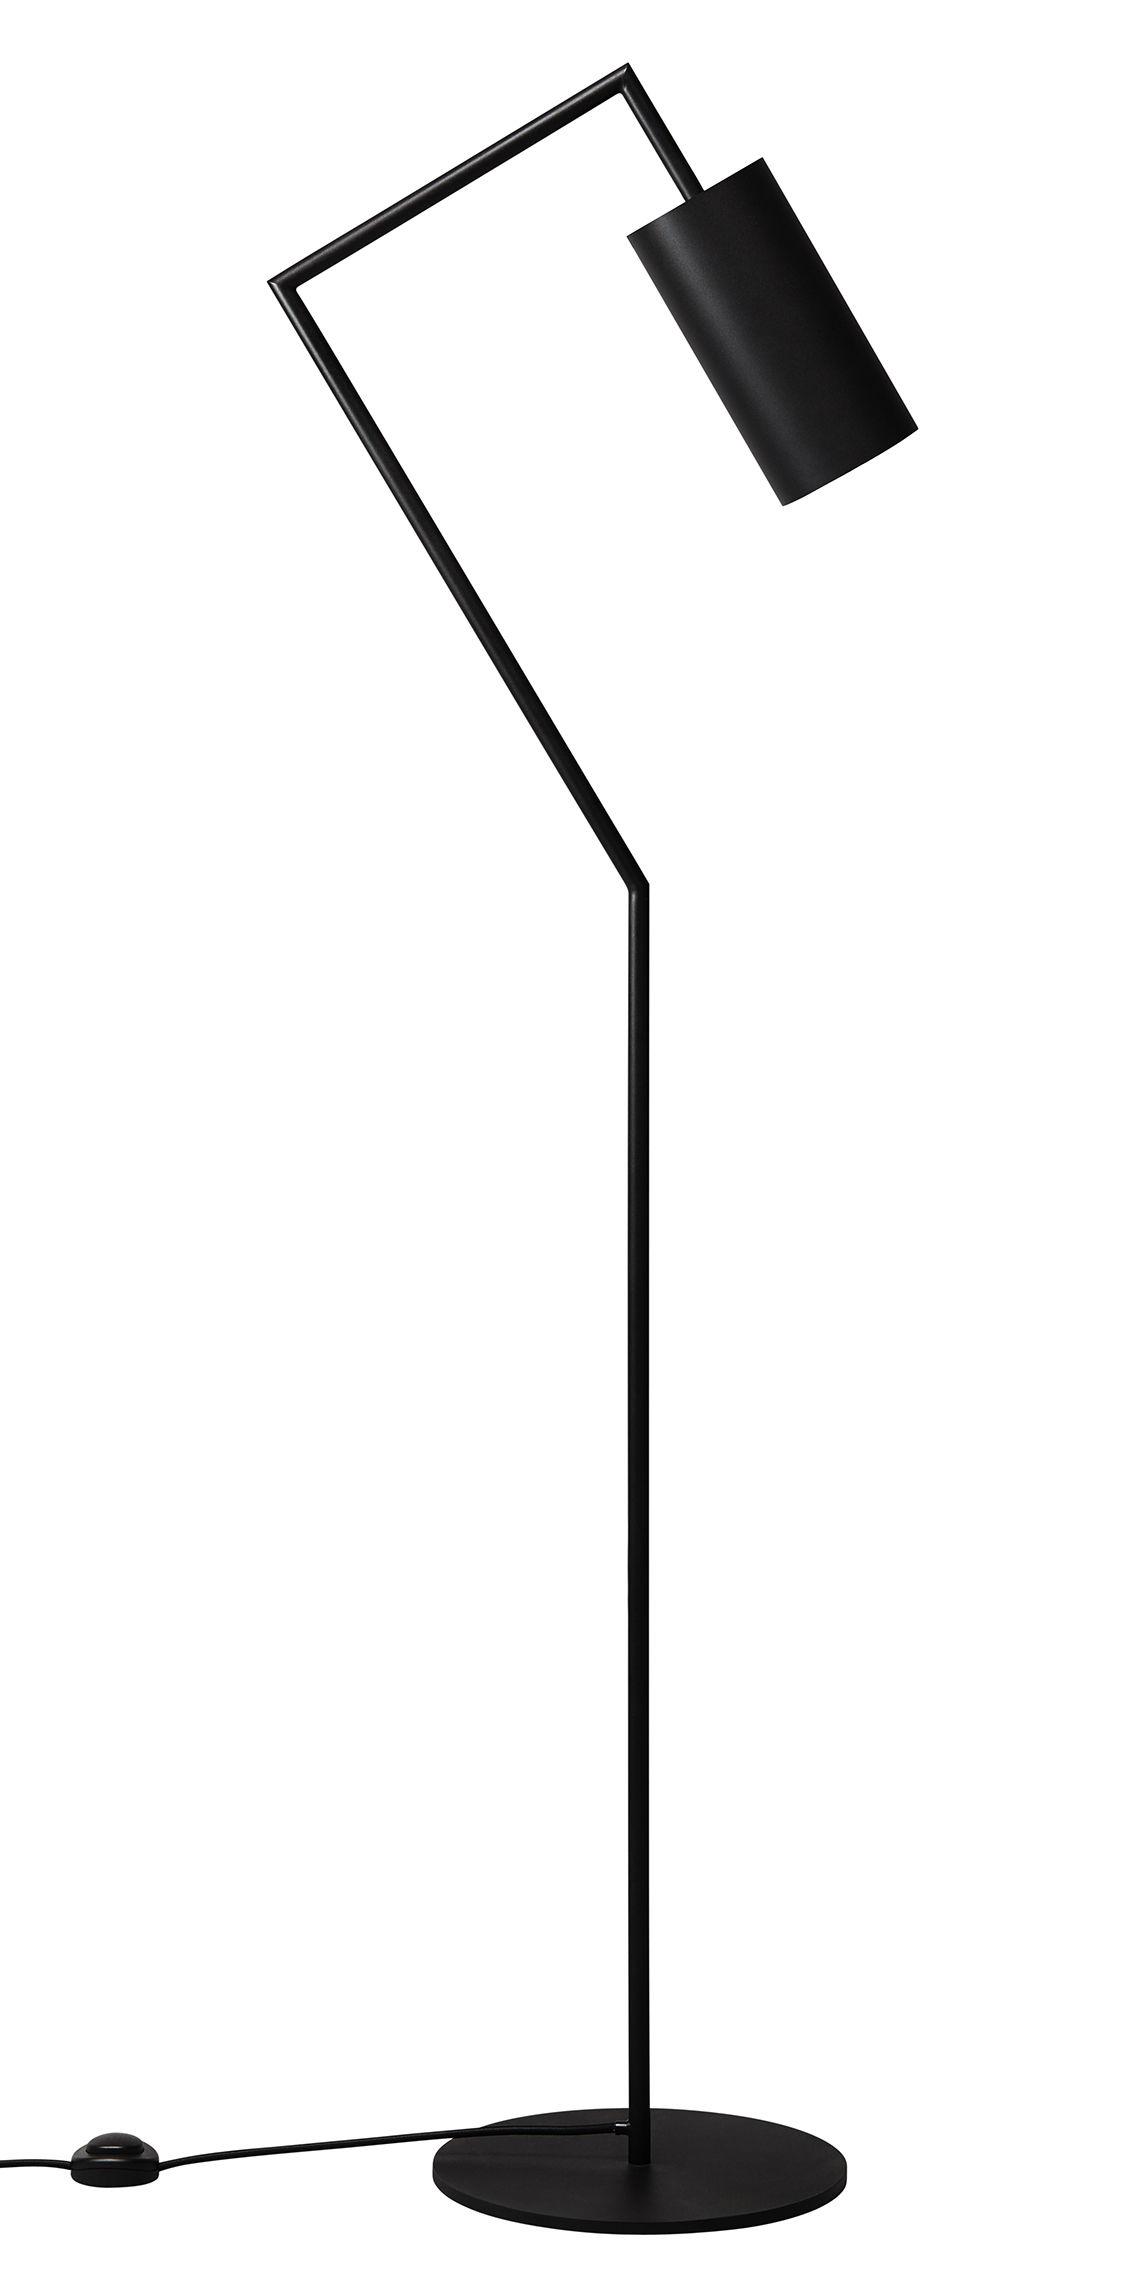 Luminaire - Lampadaires - Lampadaire Droid / H 151 cm - Rewired - Noir - Acier laqué époxy